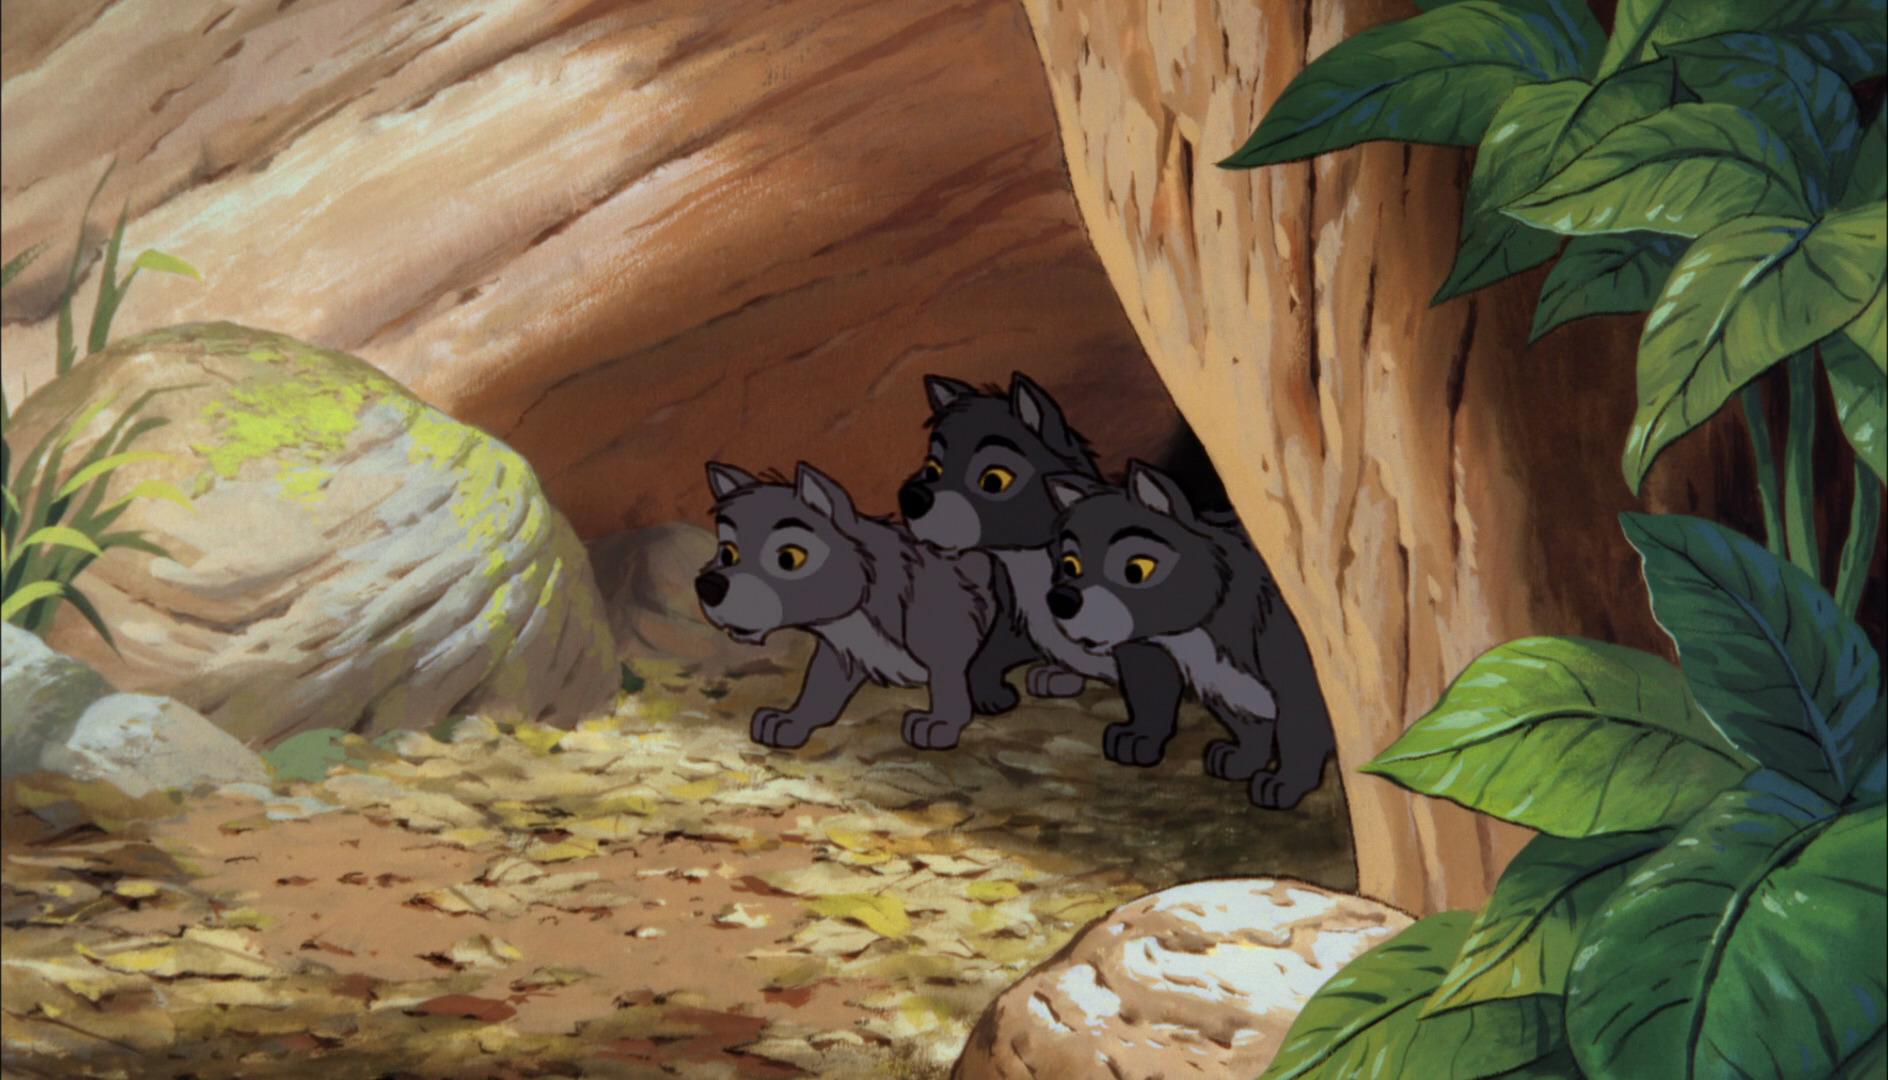 Wolf Pups | Disney Wiki | FANDOM powered by Wikia